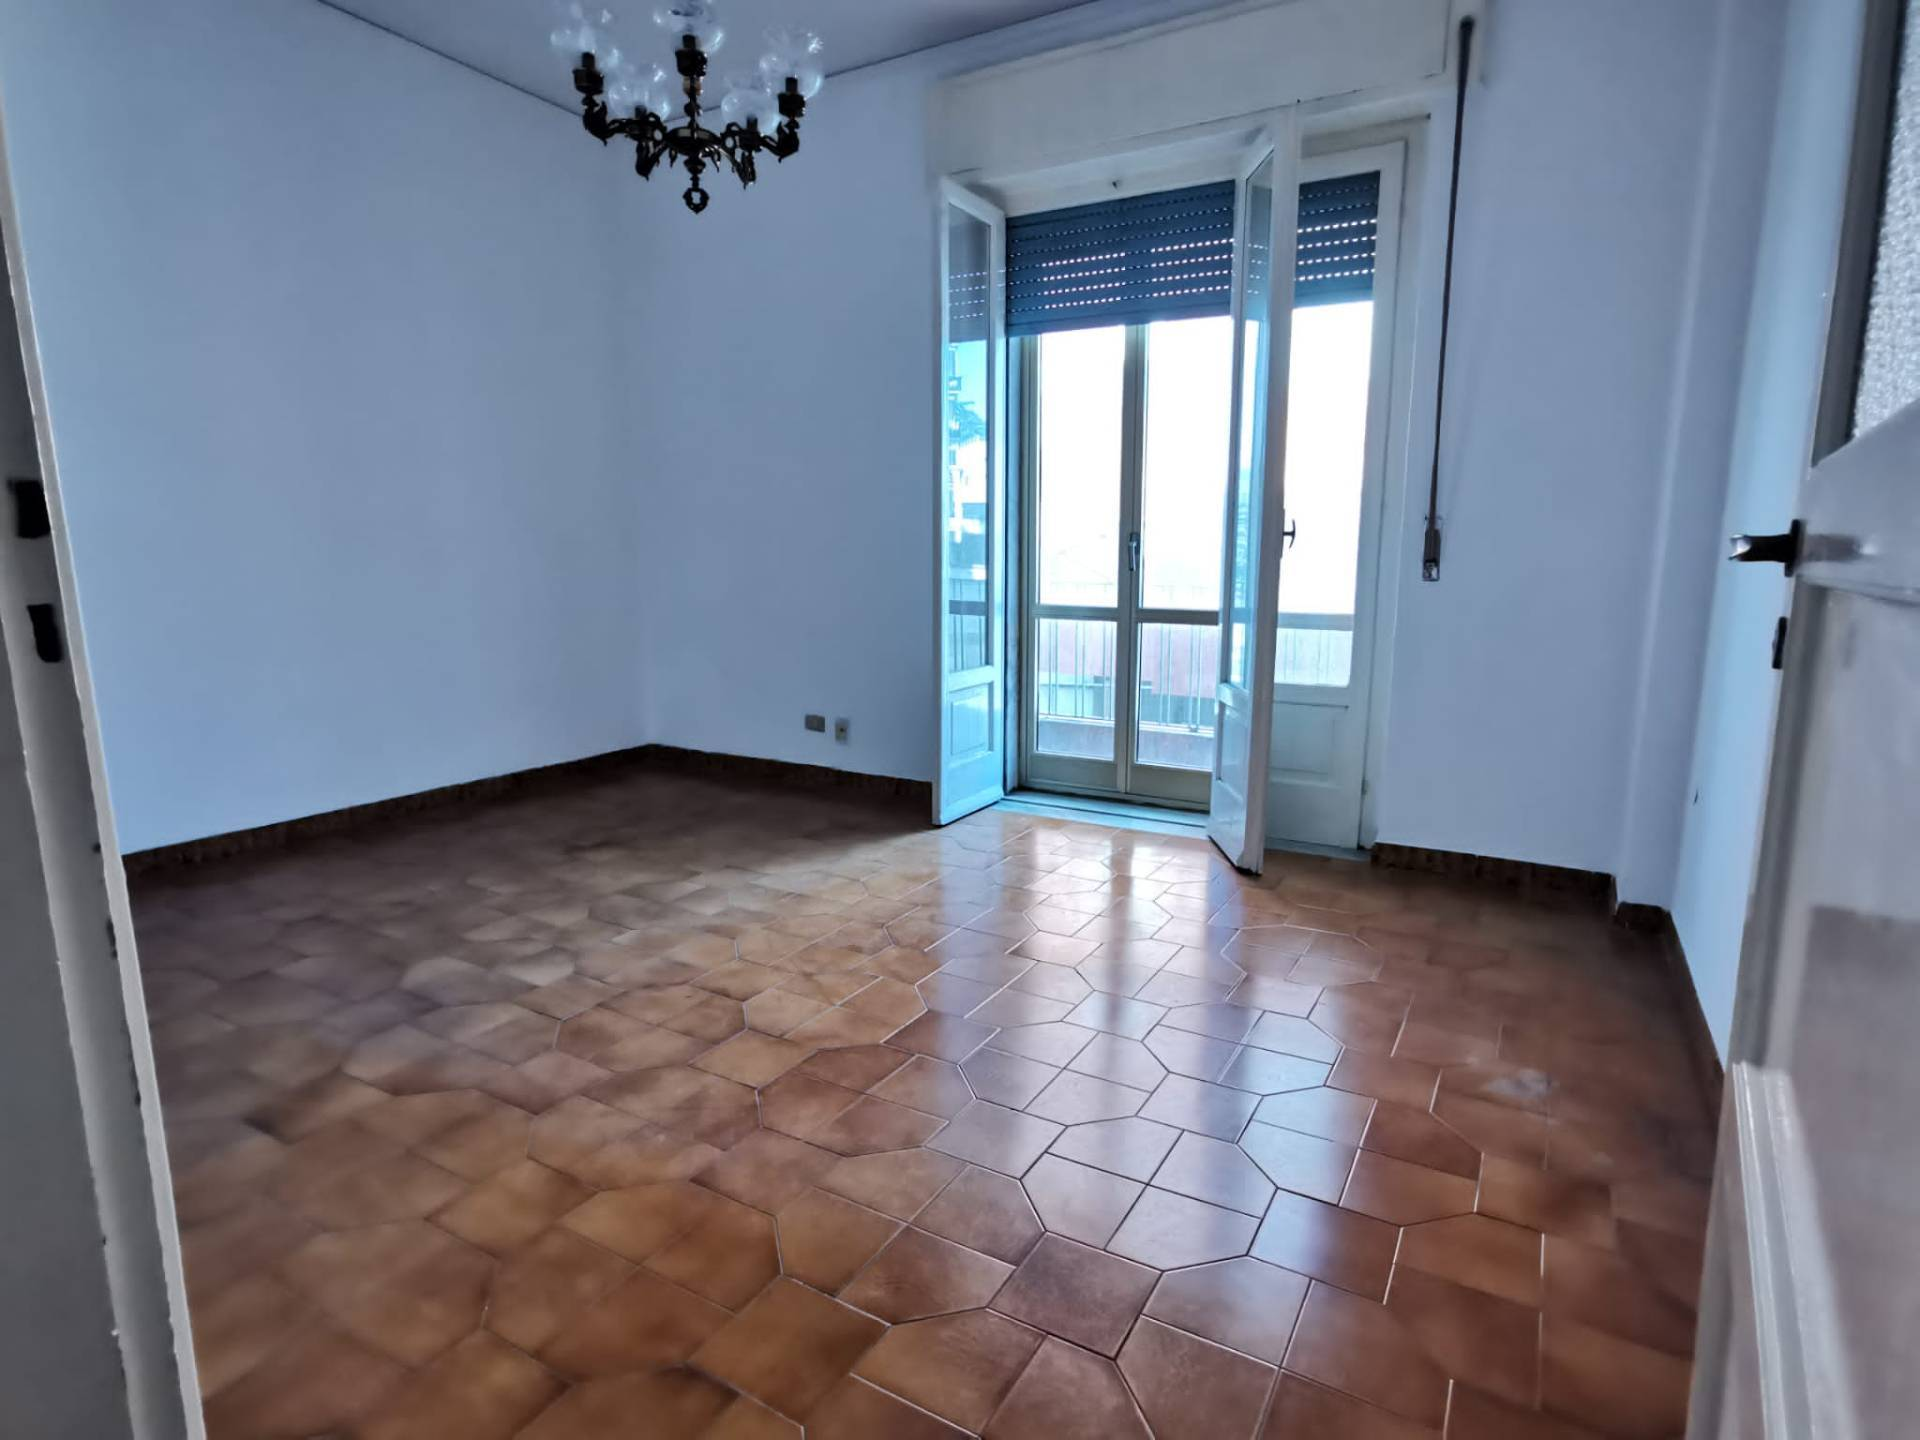 Appartamento in vendita a Benevento, 3 locali, zona Zona: Ferrovia, prezzo € 65.000 | CambioCasa.it